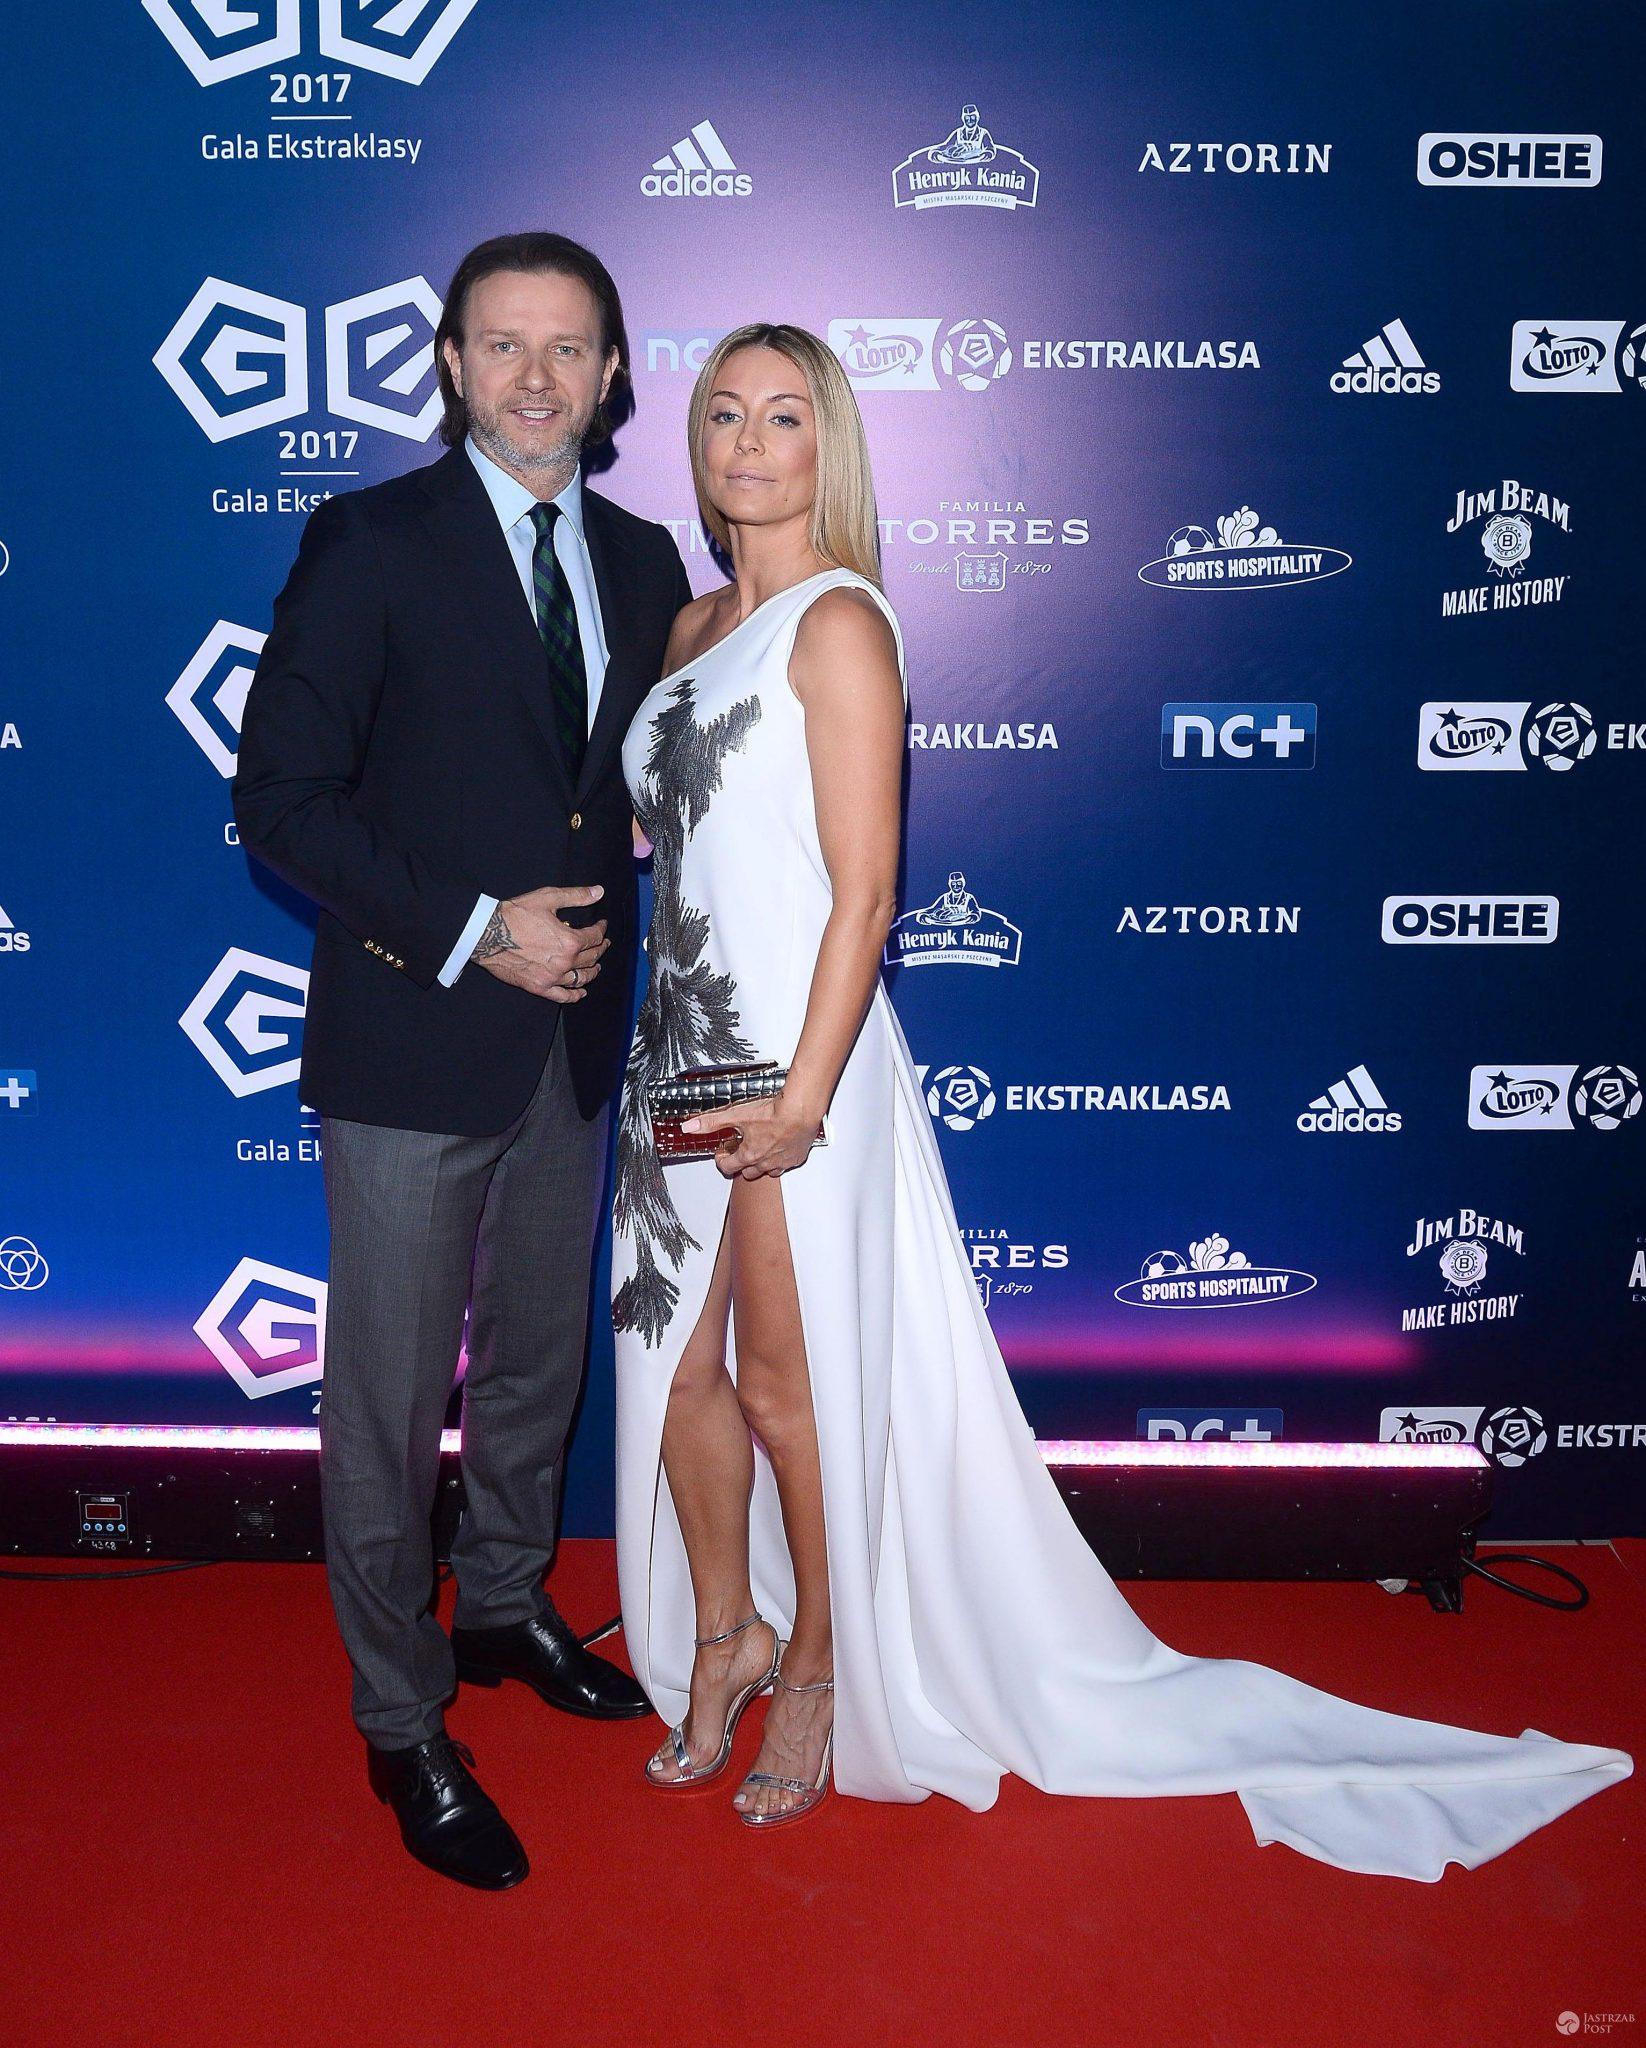 Małgorzata Rozenek na gali Ekstraklasy 2017